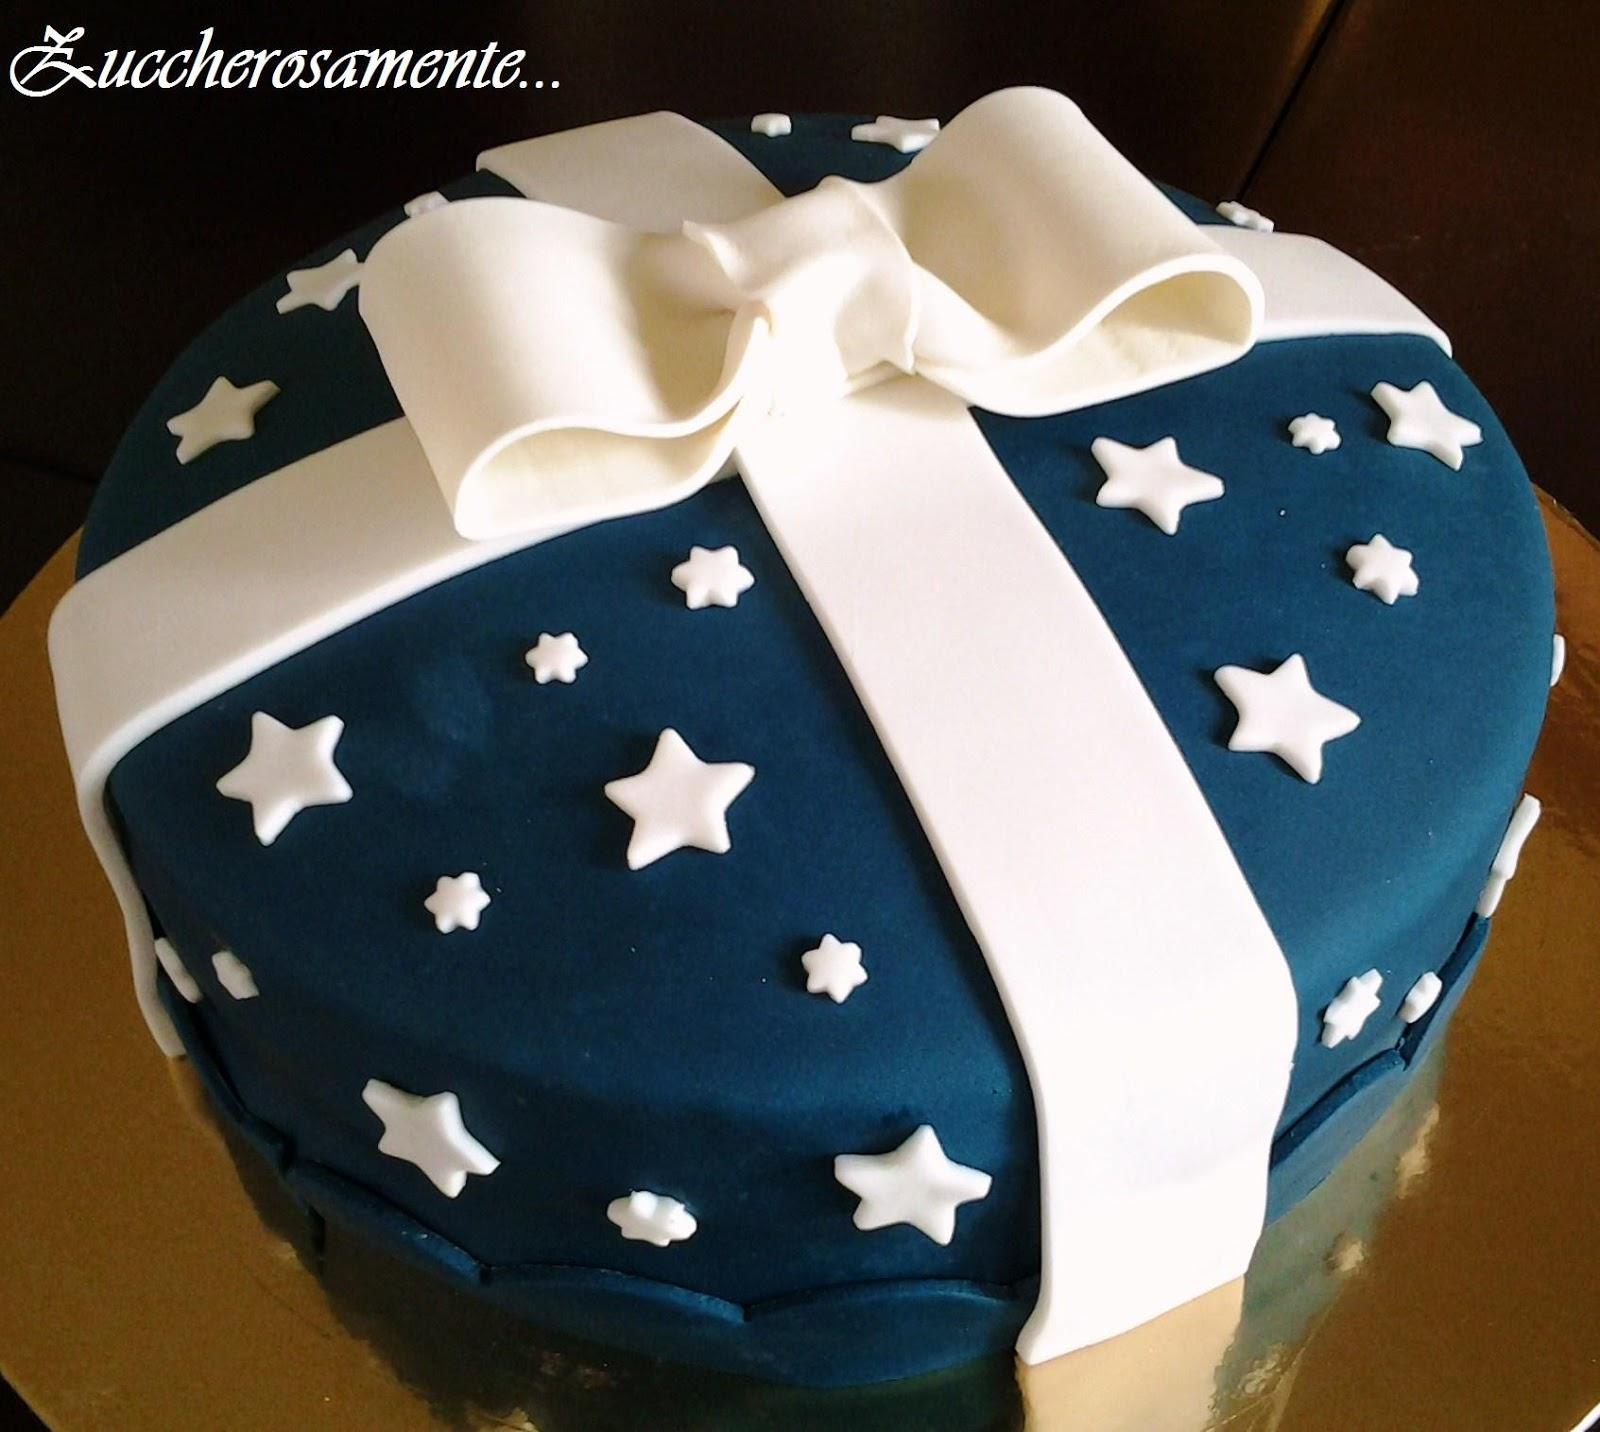 abbastanza Zuccherosamente: Una torta stellare! DM17